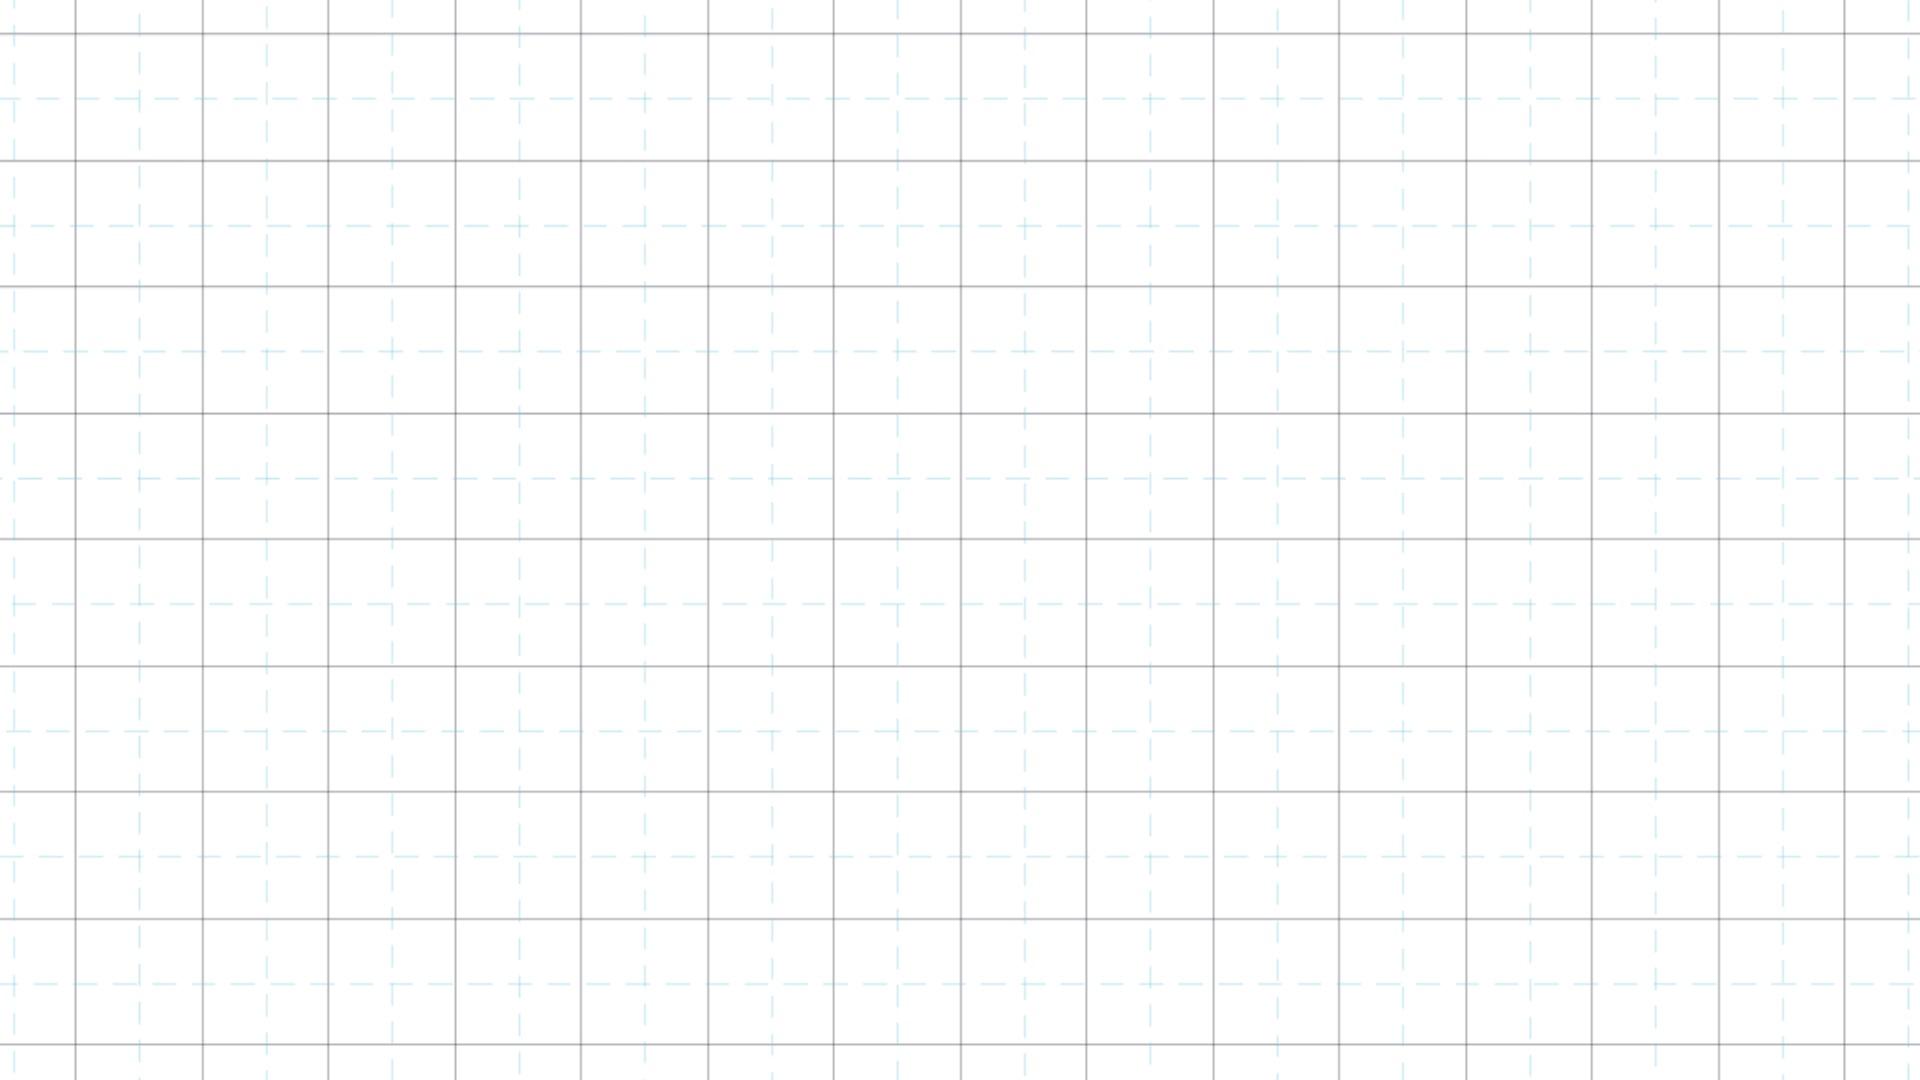 フリー素材の方眼紙(Grid paper)の背景/テクスチャ